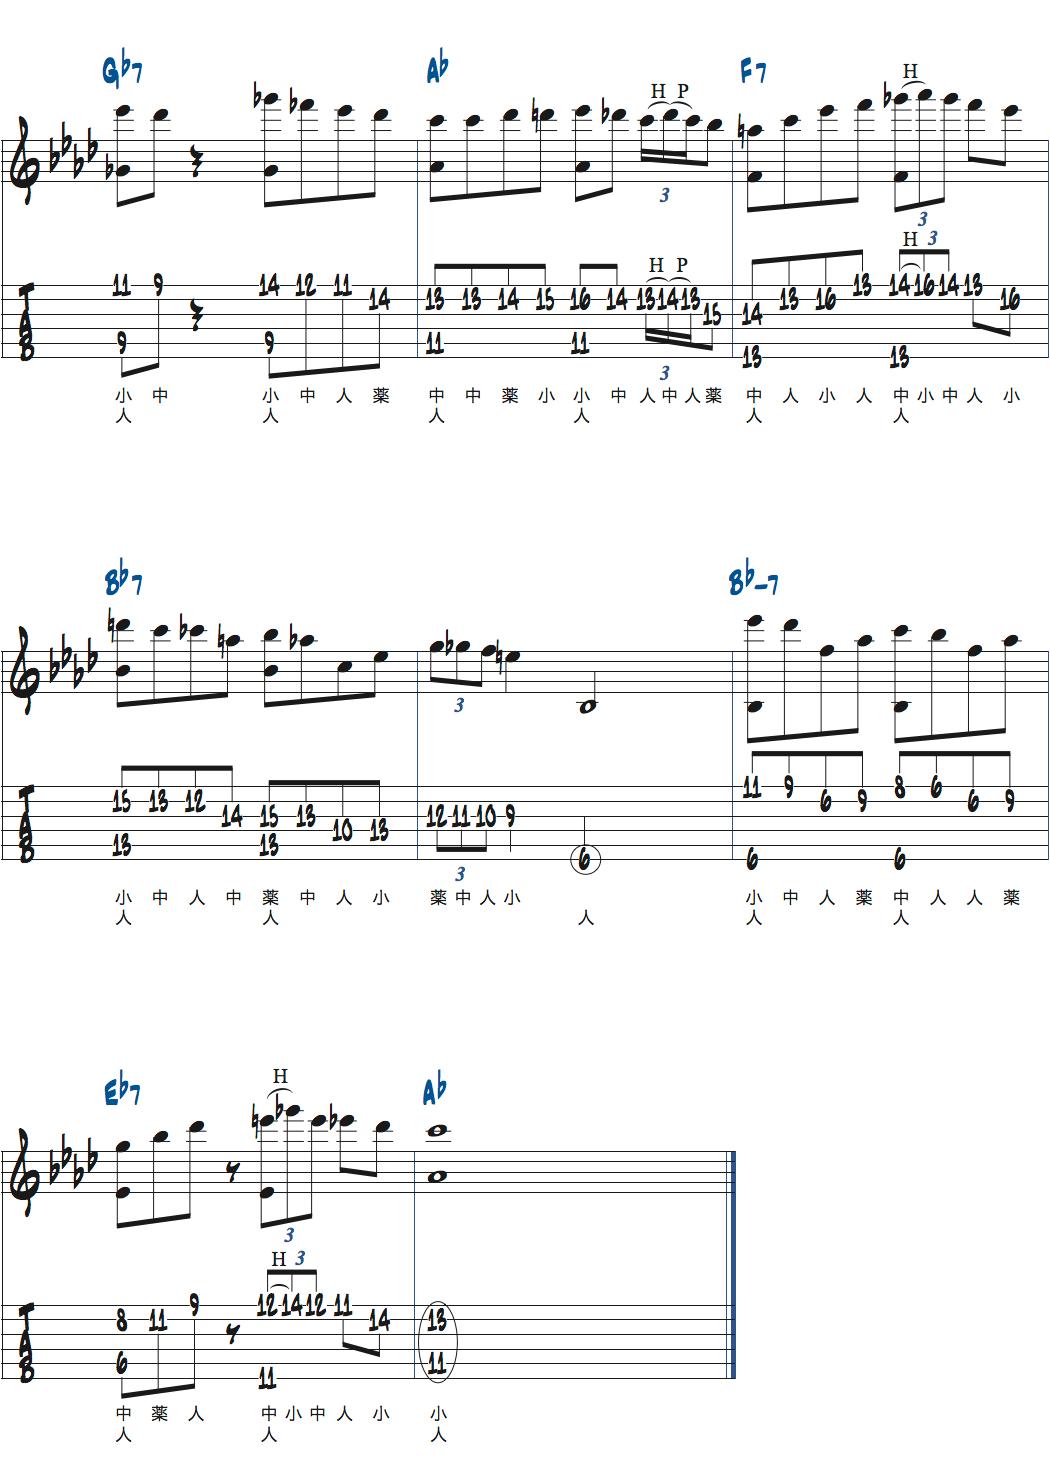 Romain Pilonが弾くベースとメロディを同時に弾くDonna Lee楽譜ページ2